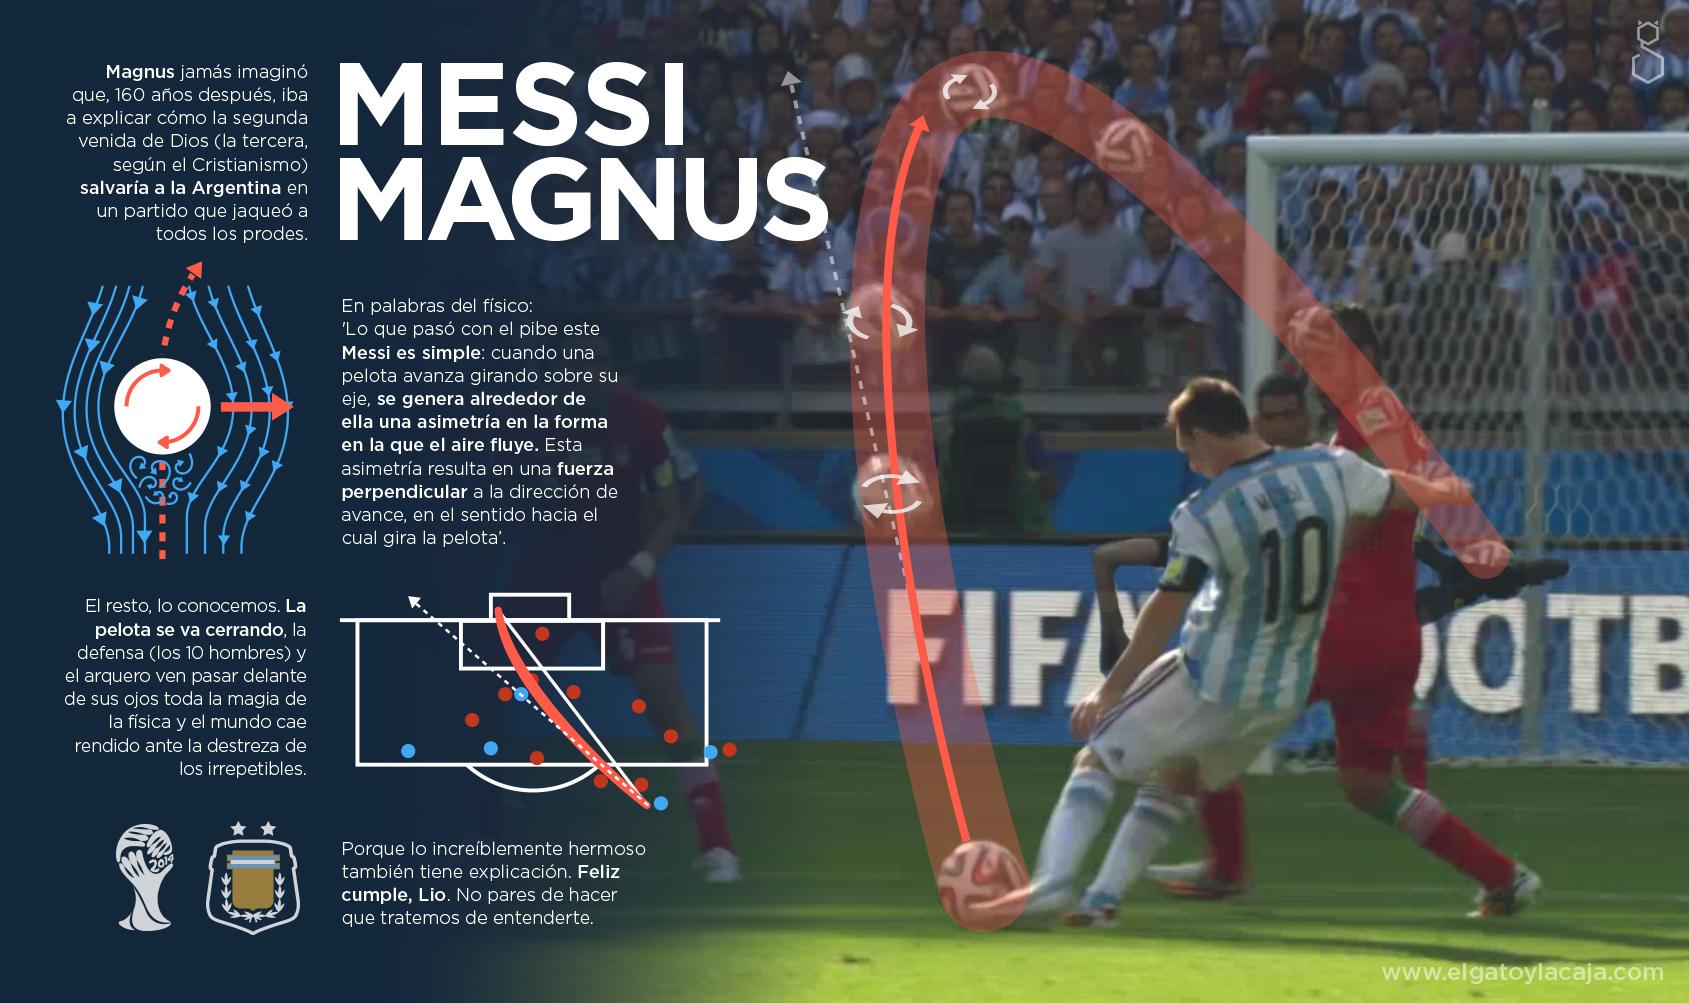 Messi_Magnus_agua